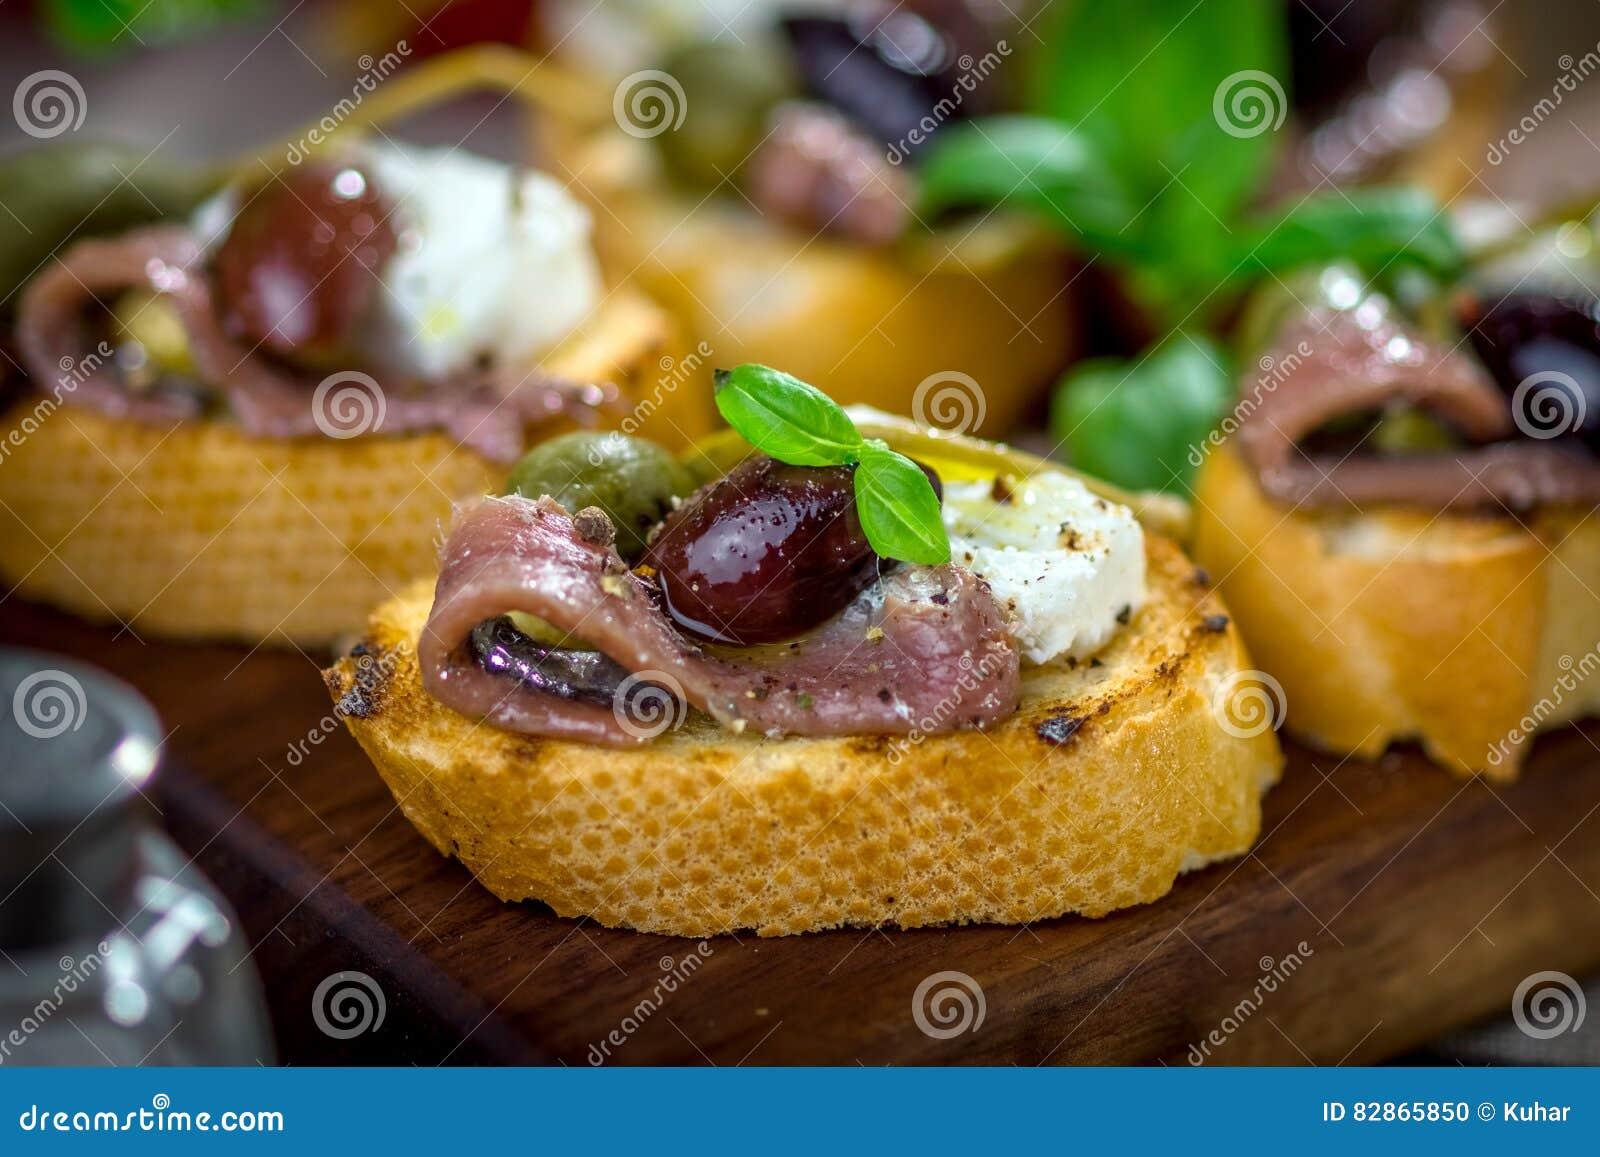 Smakowity bruschetta z sardelą, kapar, oliwa z oliwek